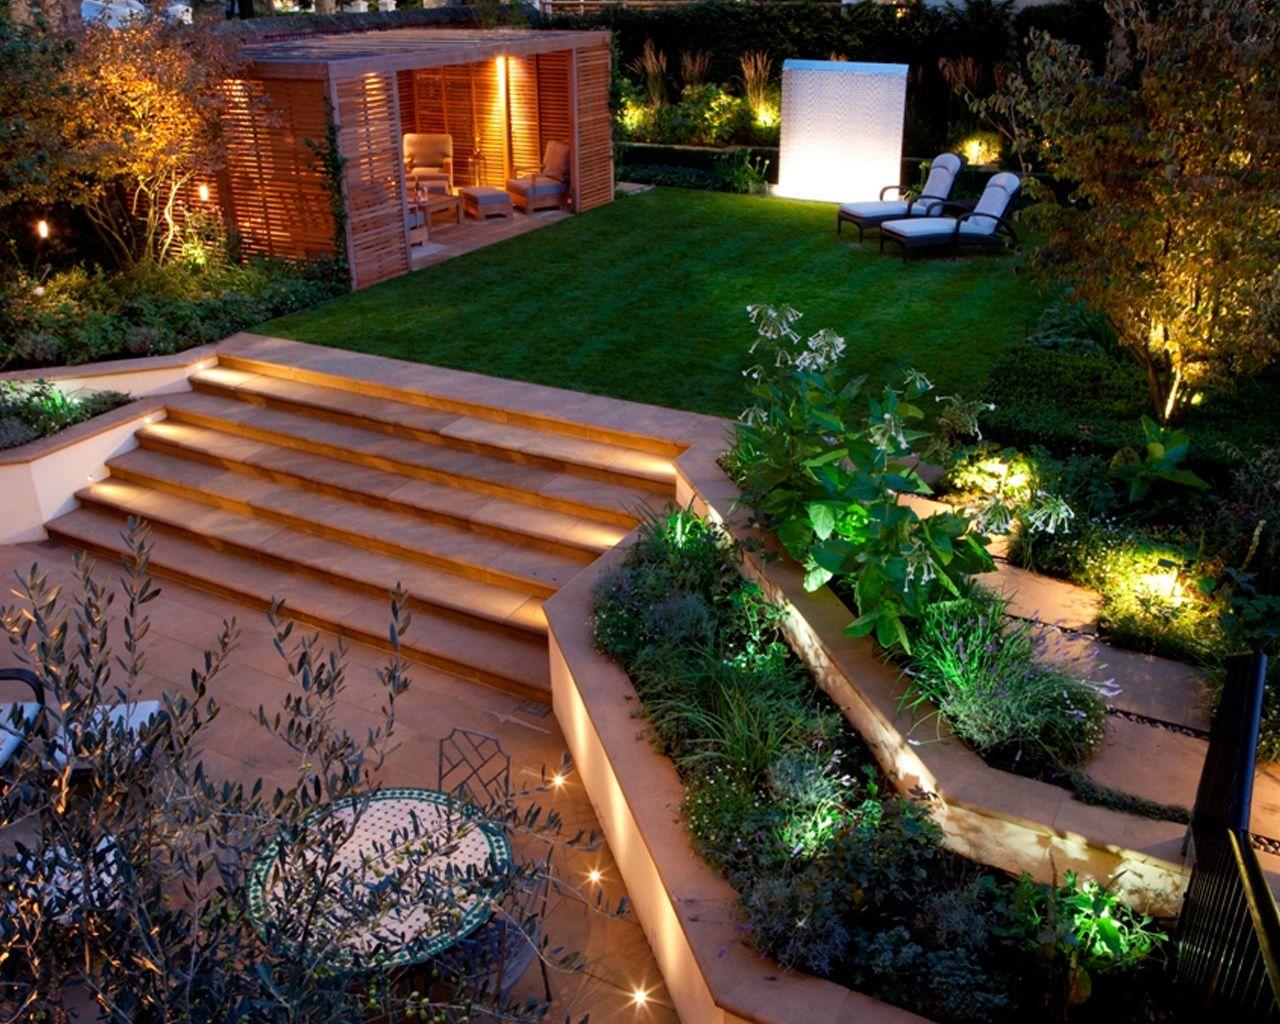 Pin By Celia Mackay On Kert Contemporary Garden Design Modern Garden Design Lighting Your Garden